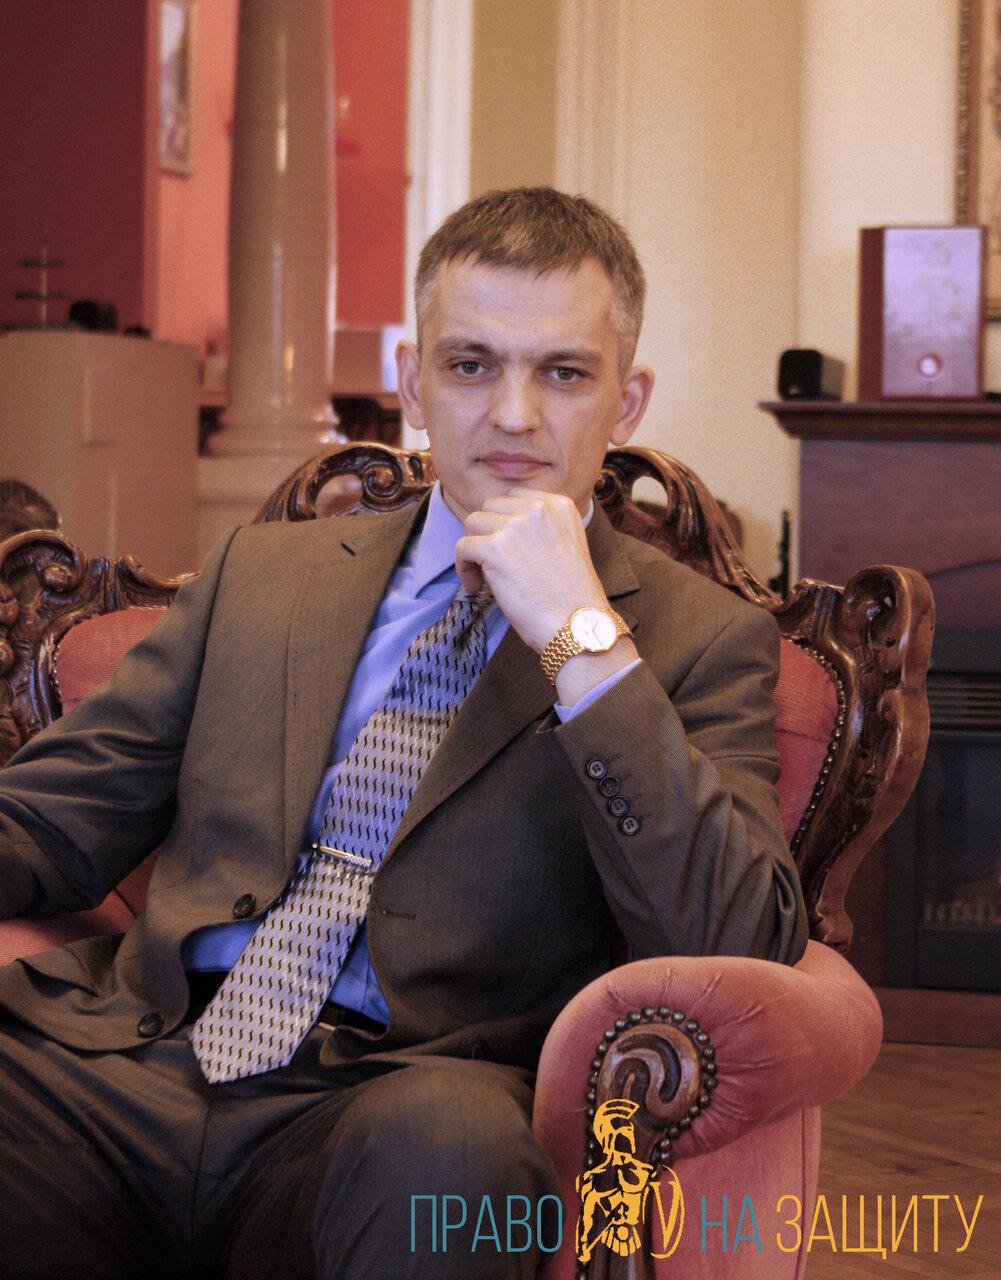 юрист в санкт петербурге